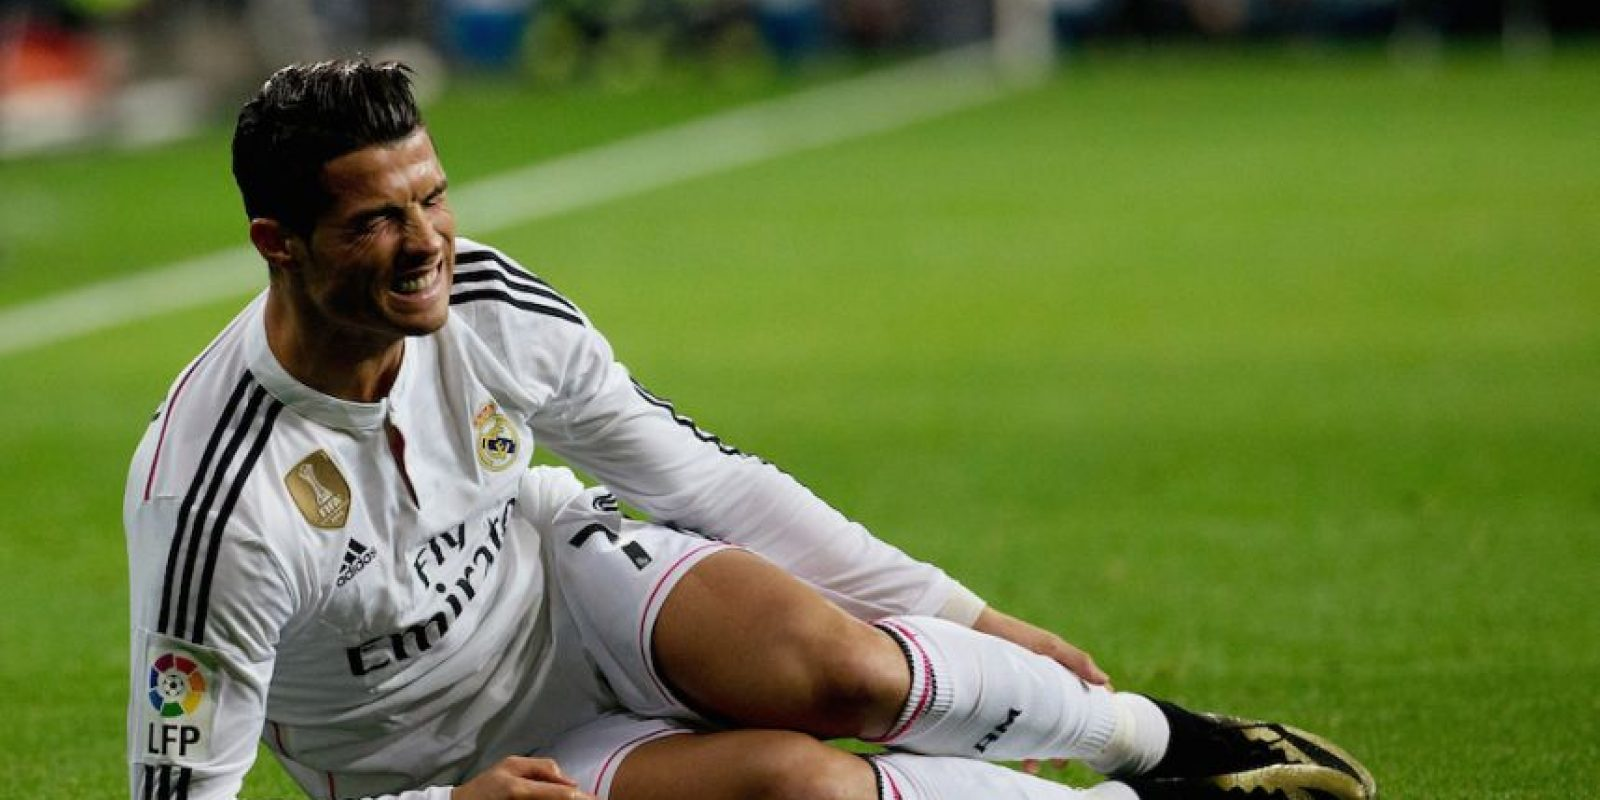 El delantero del Real Madrid no ha rendido igual que en 2014. Foto:Getty Images